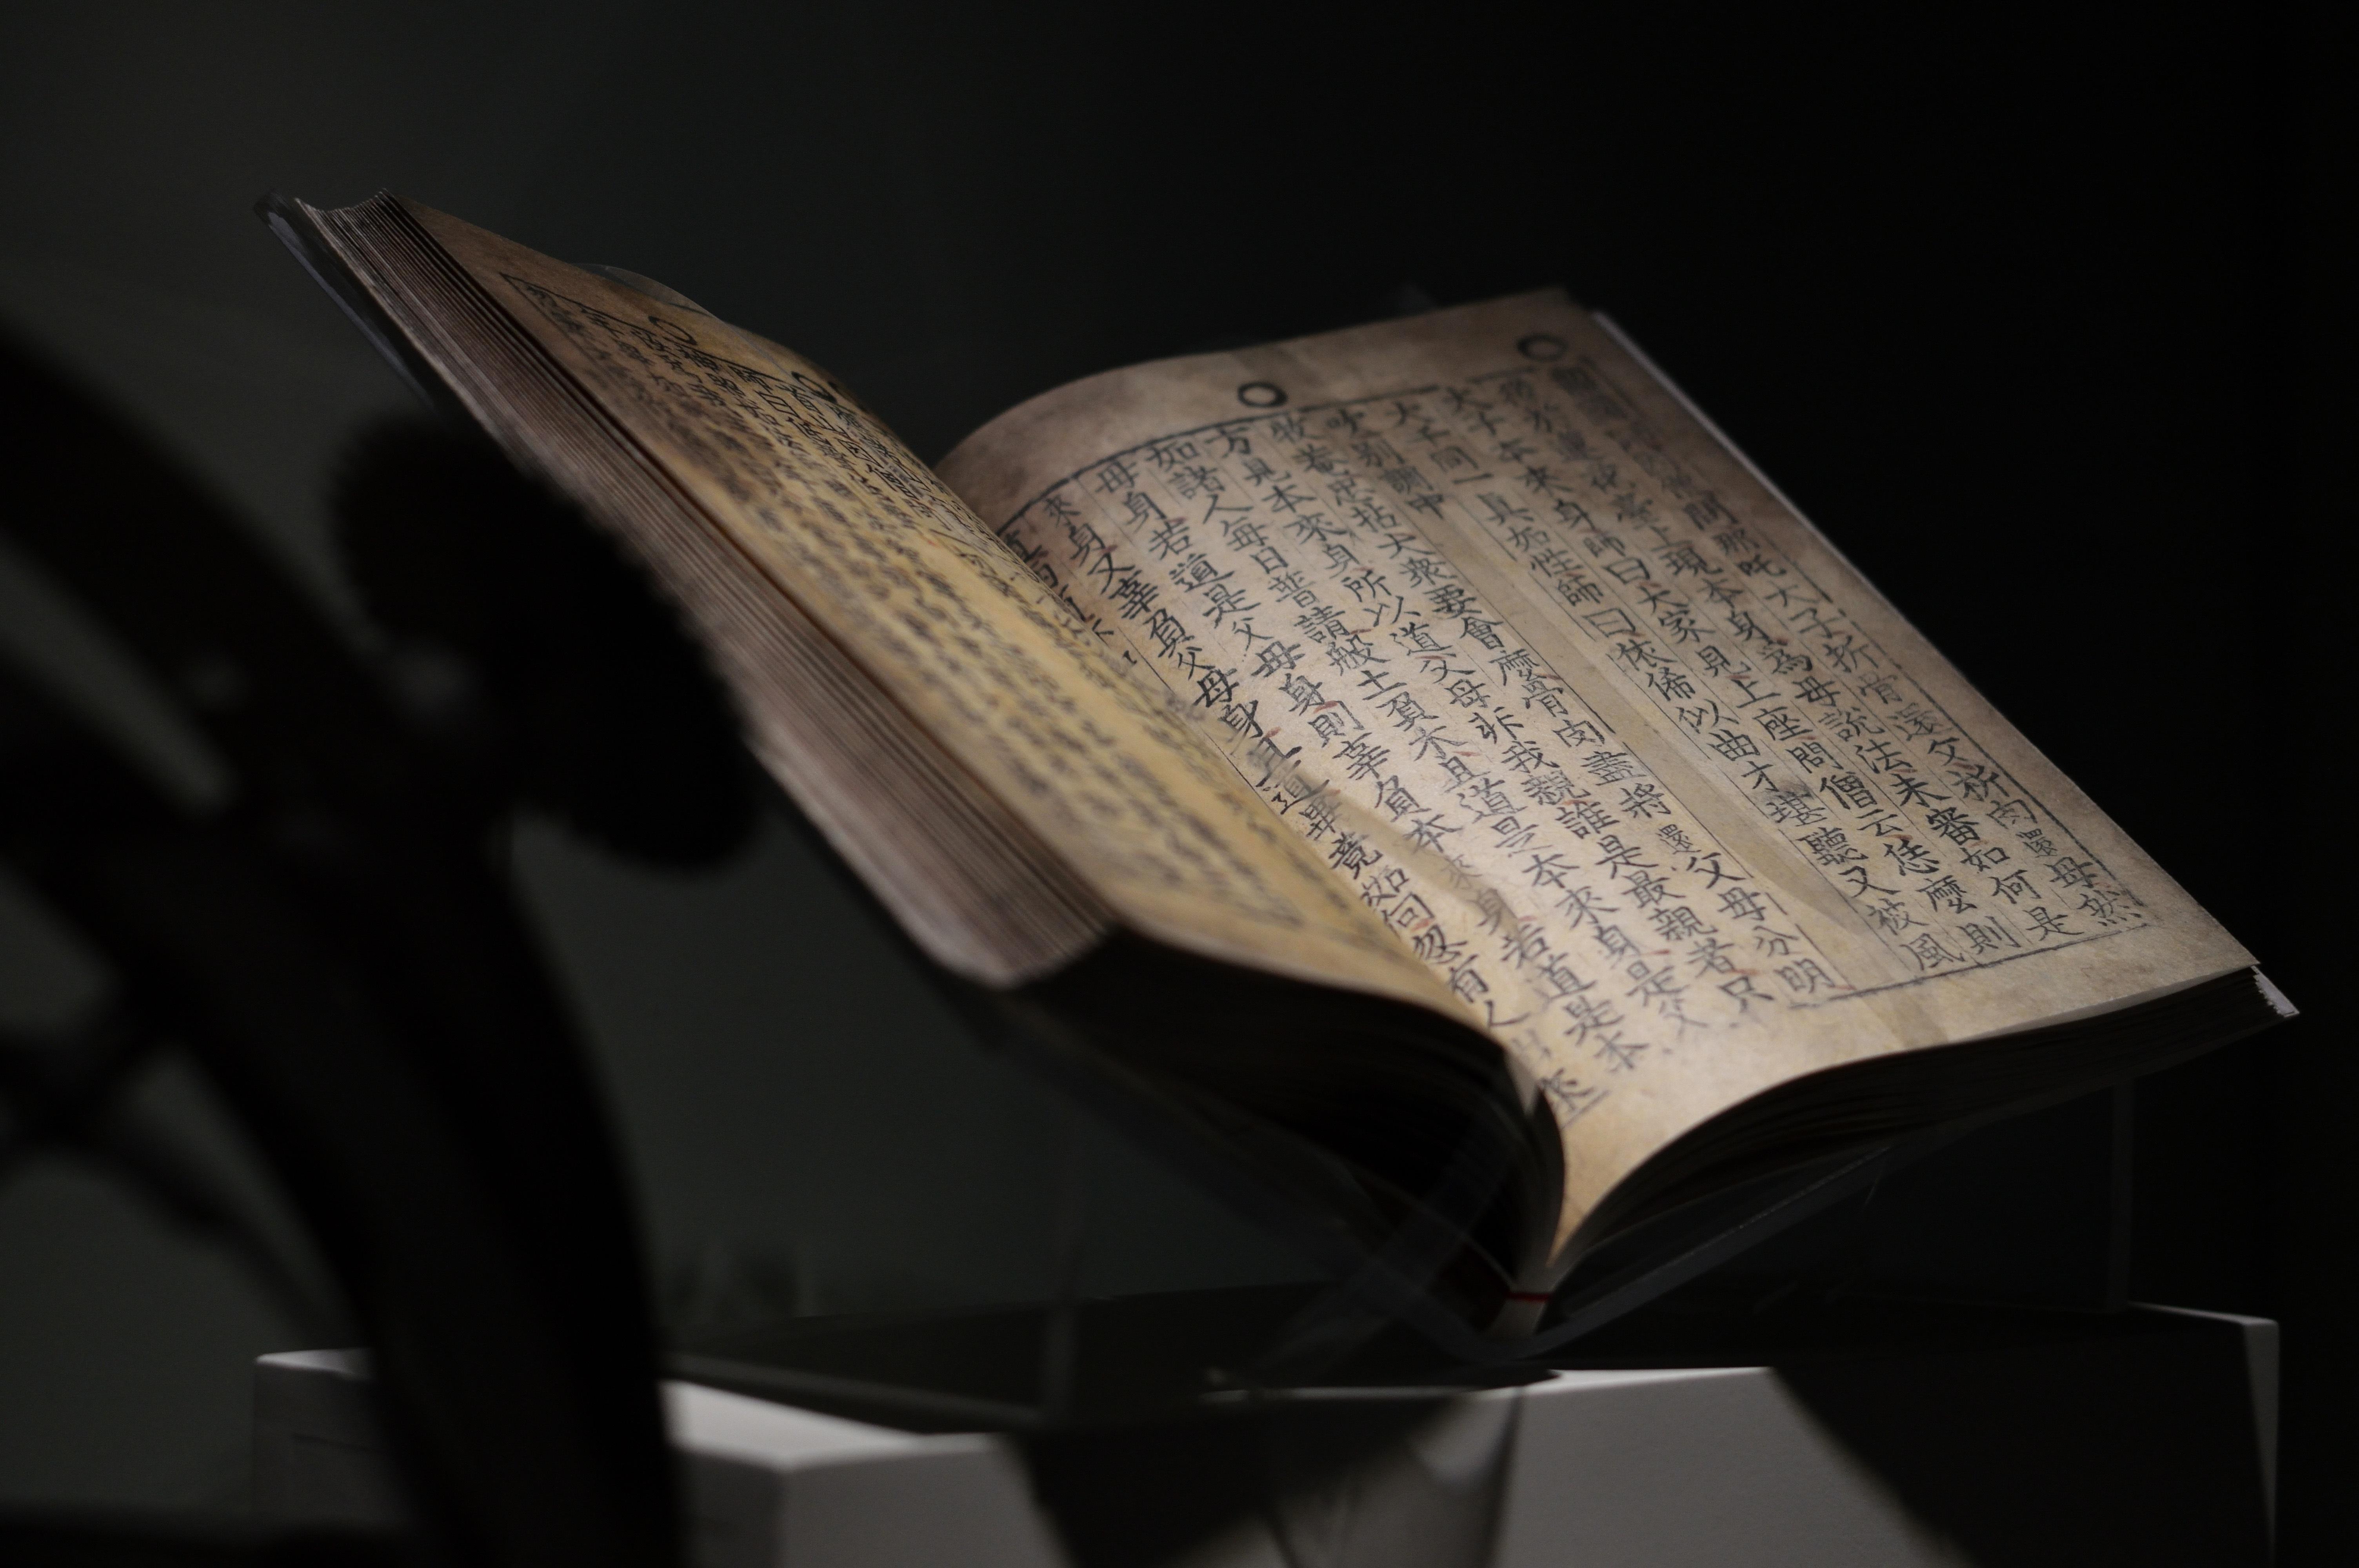 先人の知恵を記した古文書のイメージ